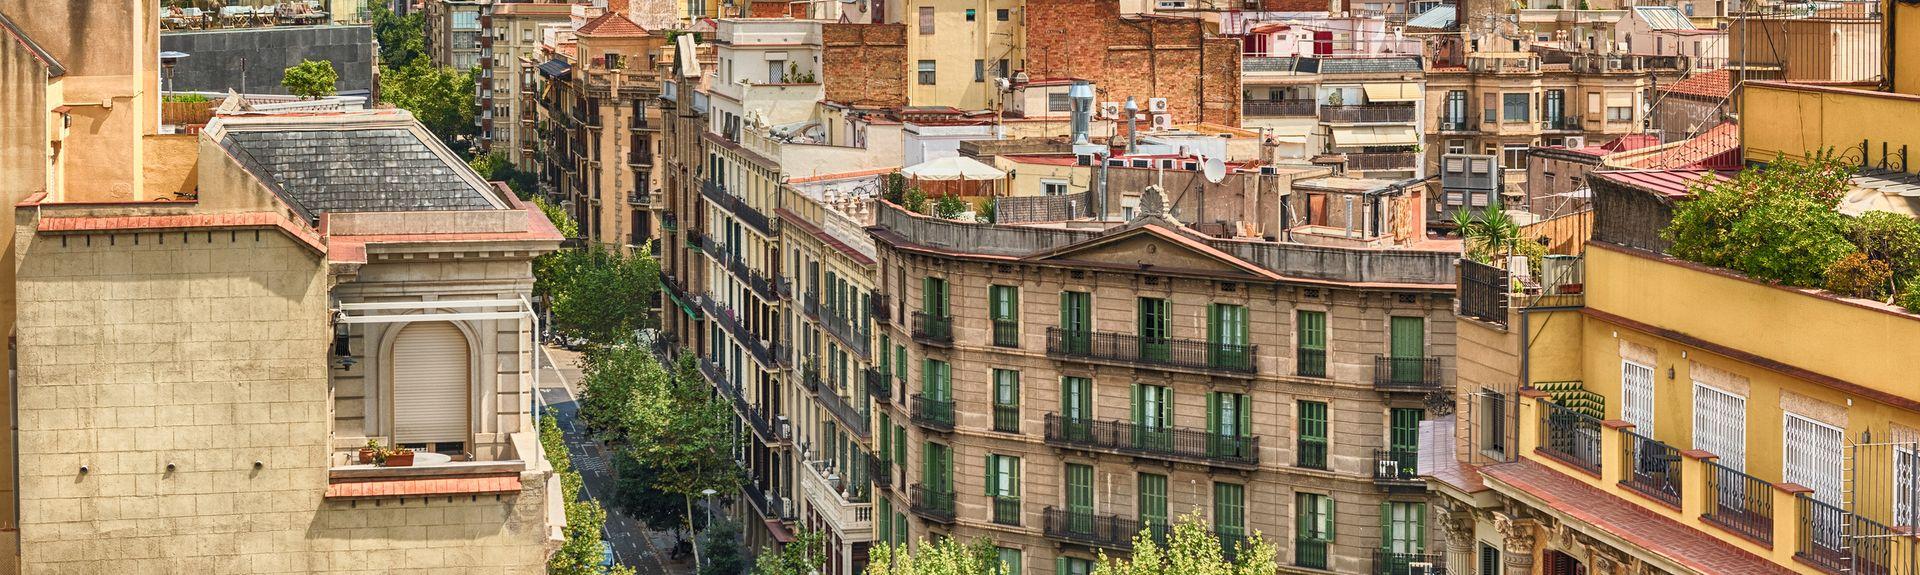 Dreta de l'Eixample, Barcelona, Spain